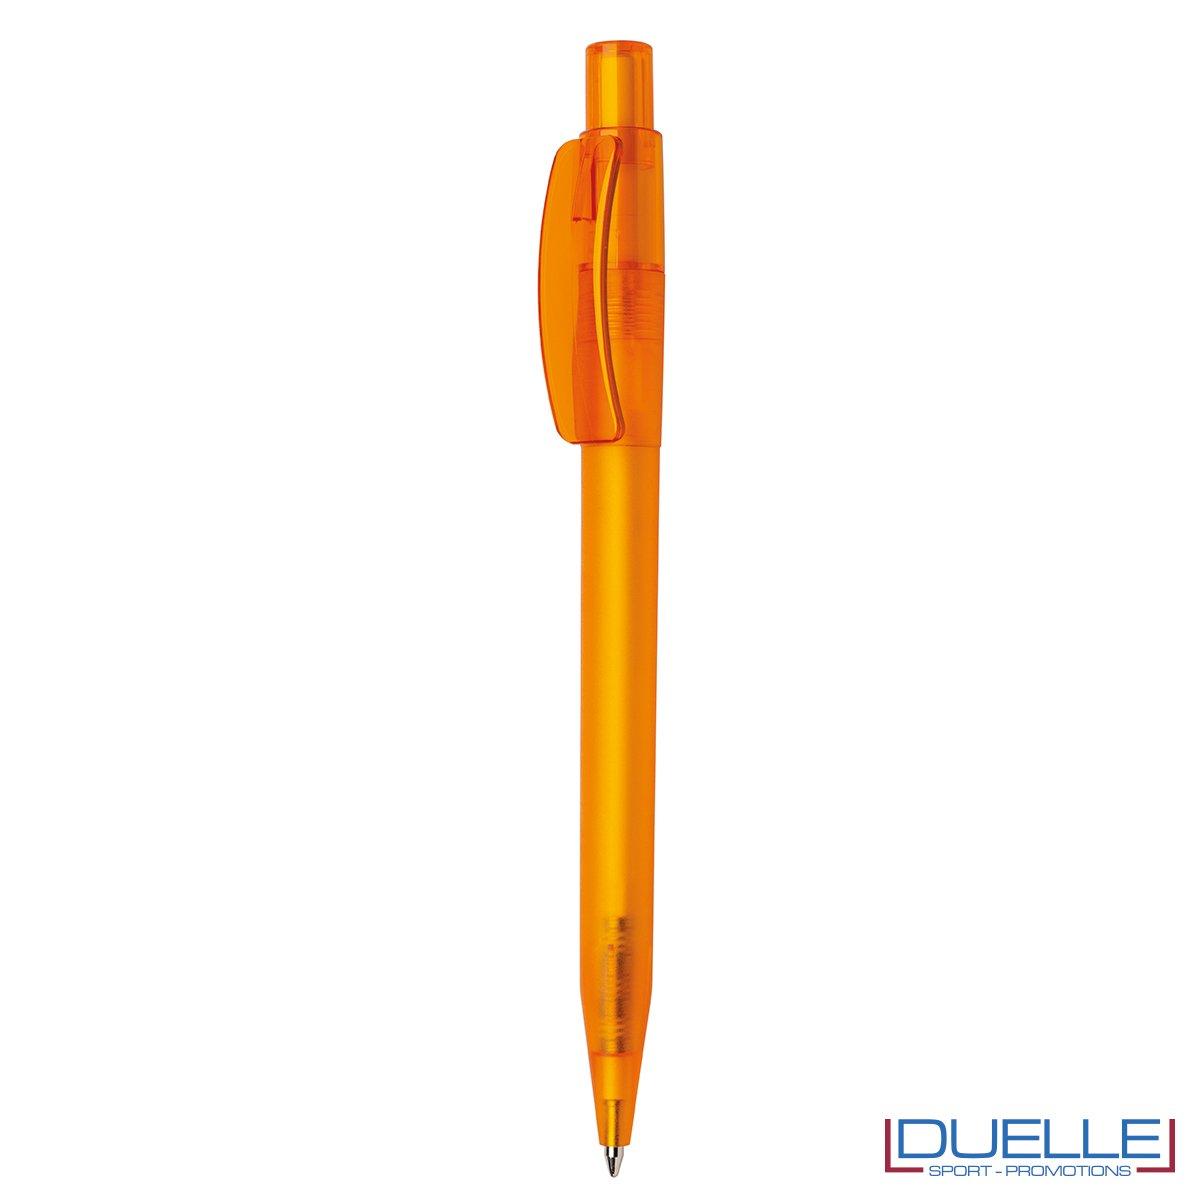 Penna Made in Italy personalizzata arancione effetto frost, gadget aziendali, penne personalizzate, gadget personalizzati, articoli promozionali